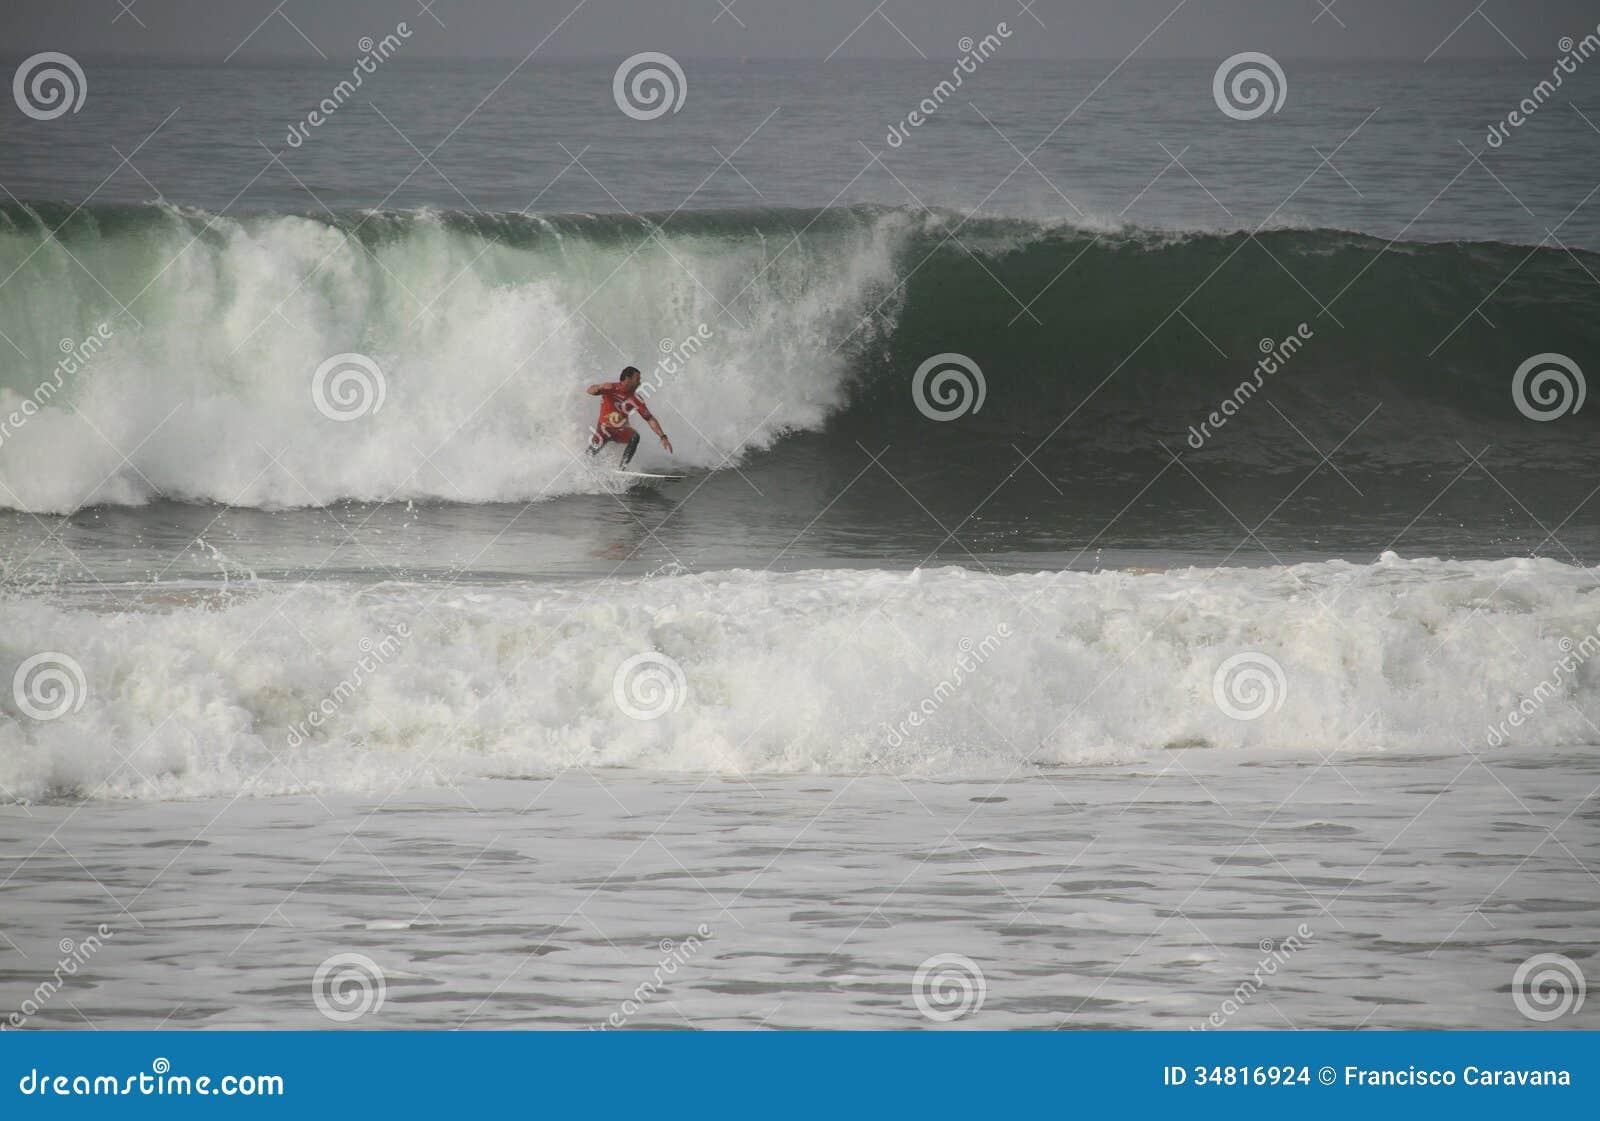 Joel Parkinson riding a wave